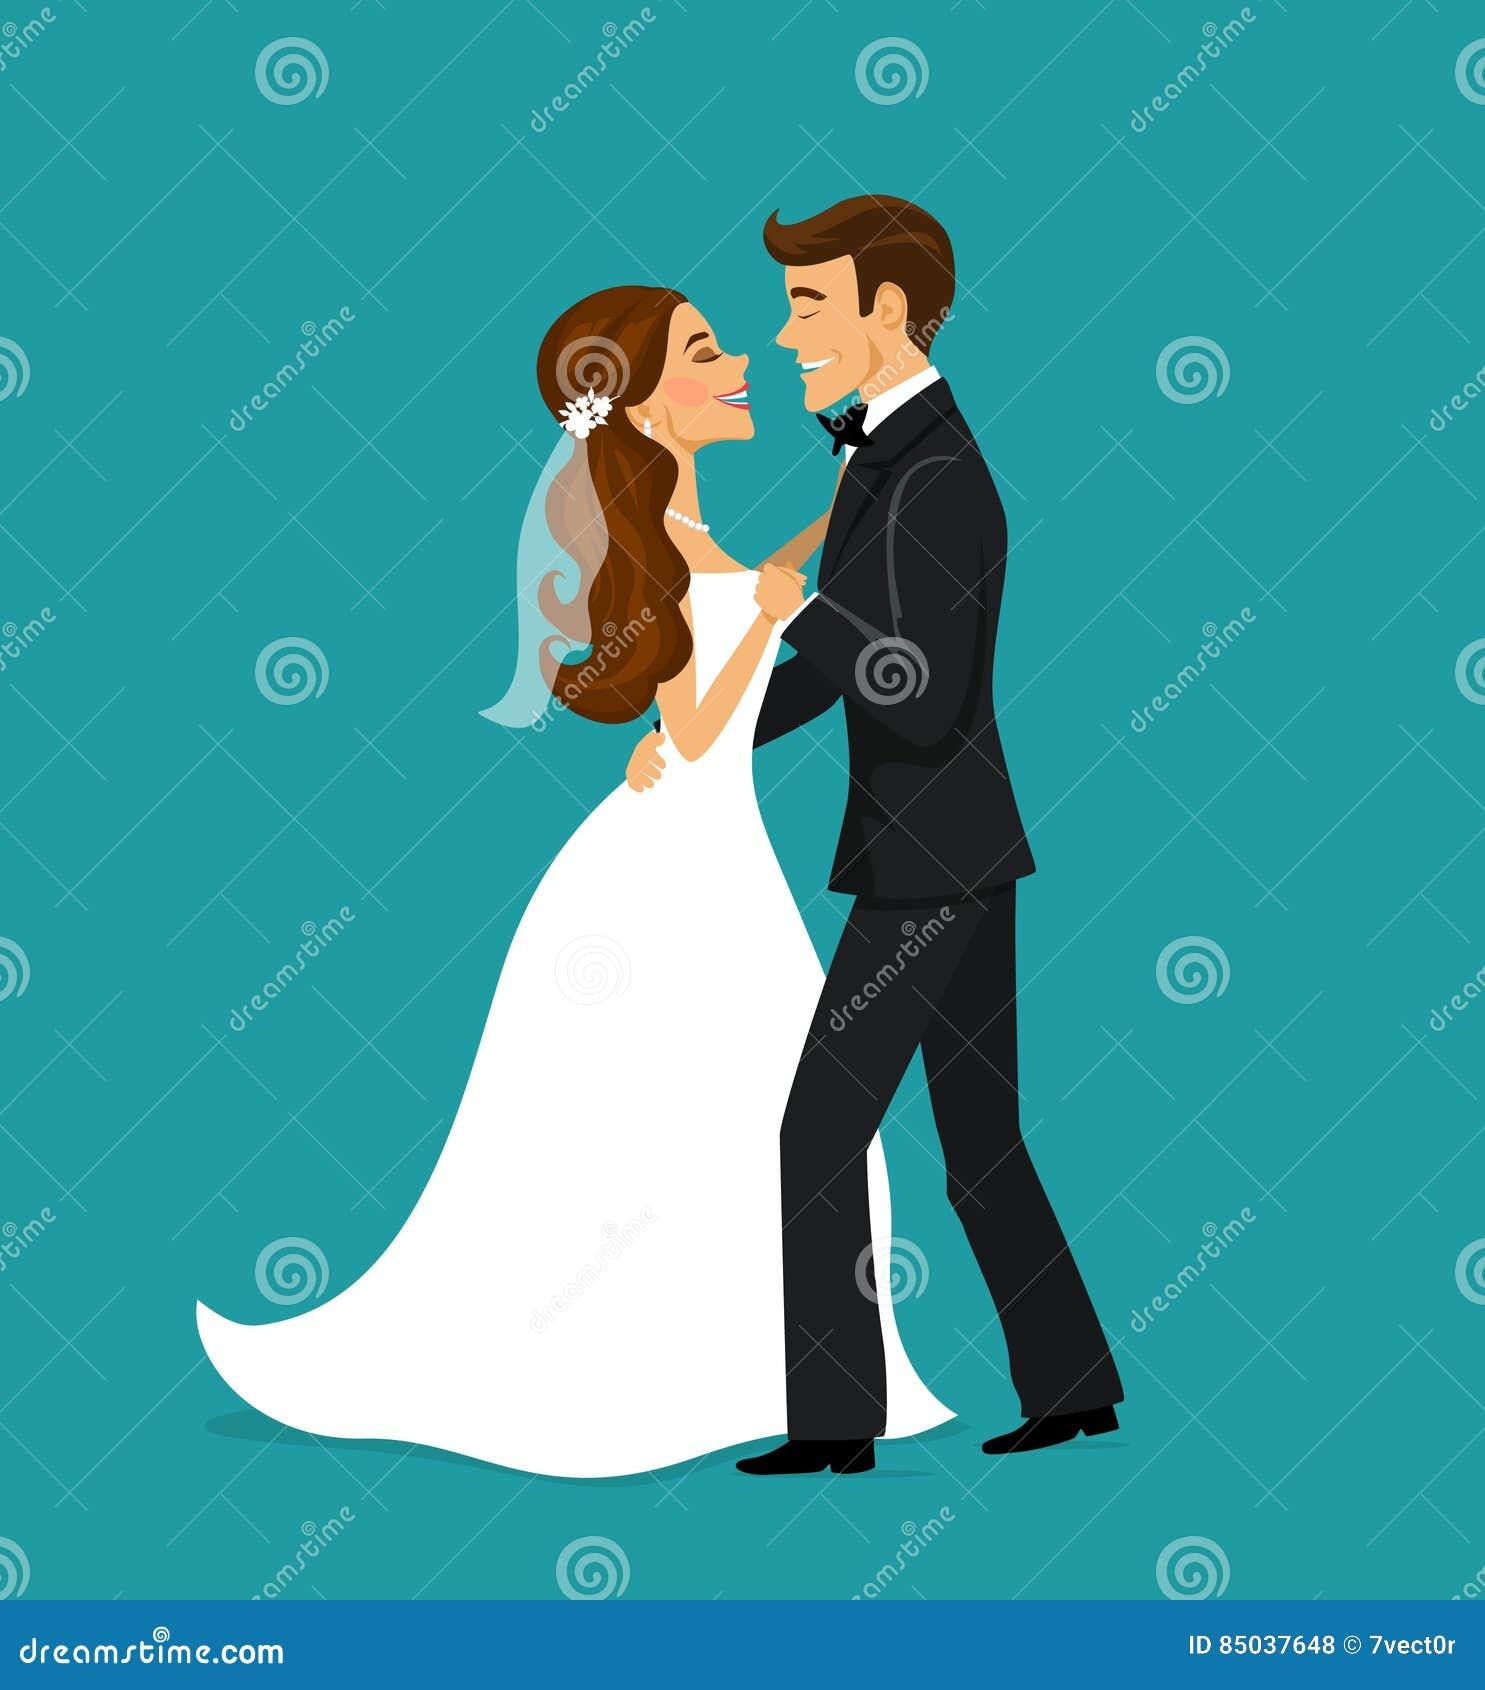 Precis gift parbrud- och brudgumdans